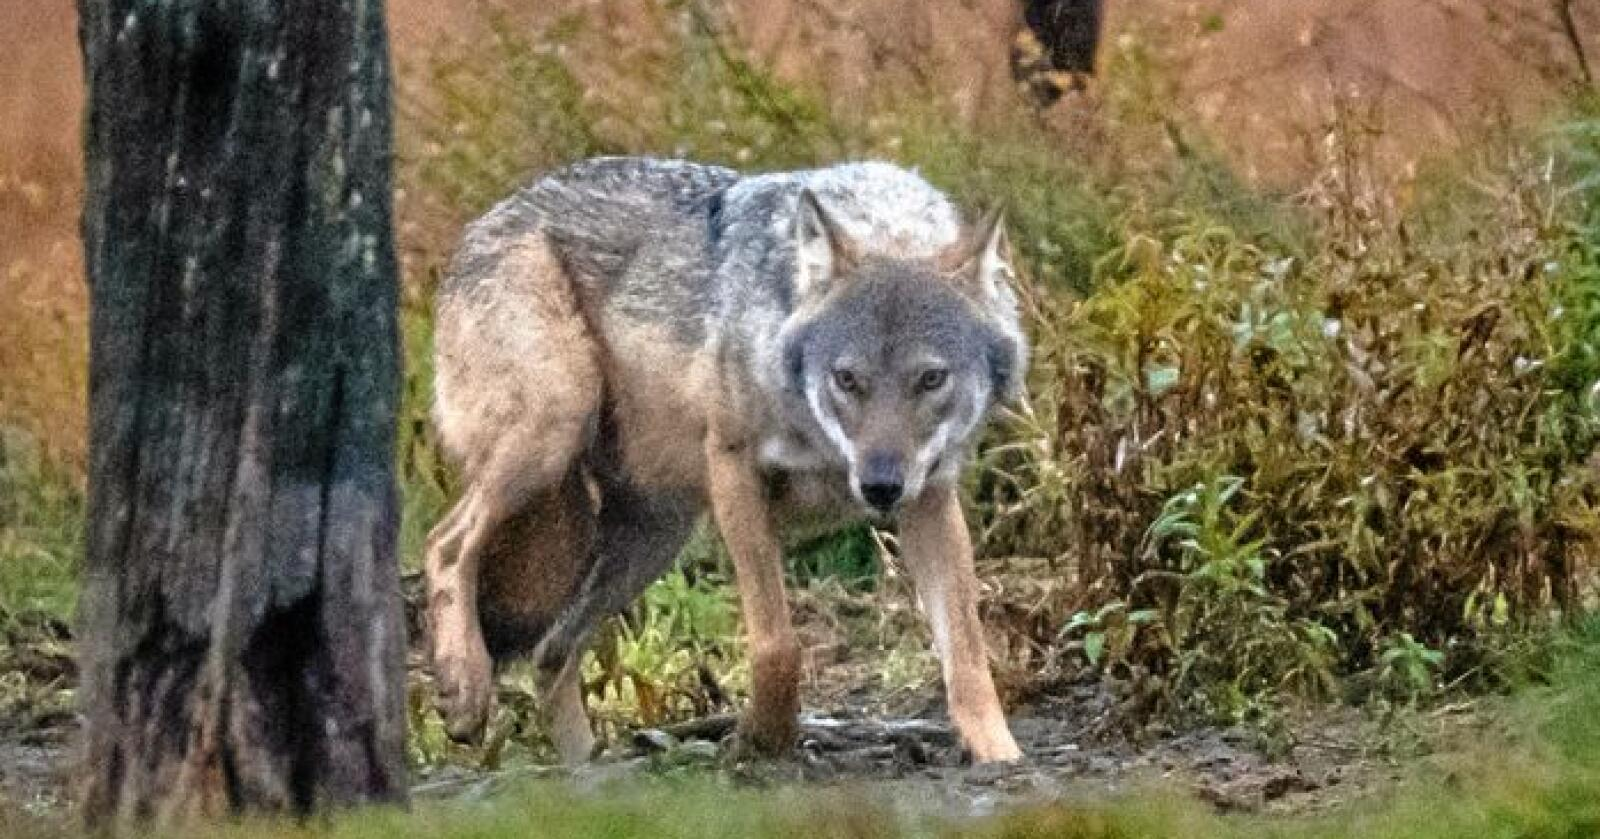 Det er gitt fellingstillatelse på en ulv i Meråker og Verdal kommuner i Trøndelag. Illustrasjonsfoto: Mostphotos